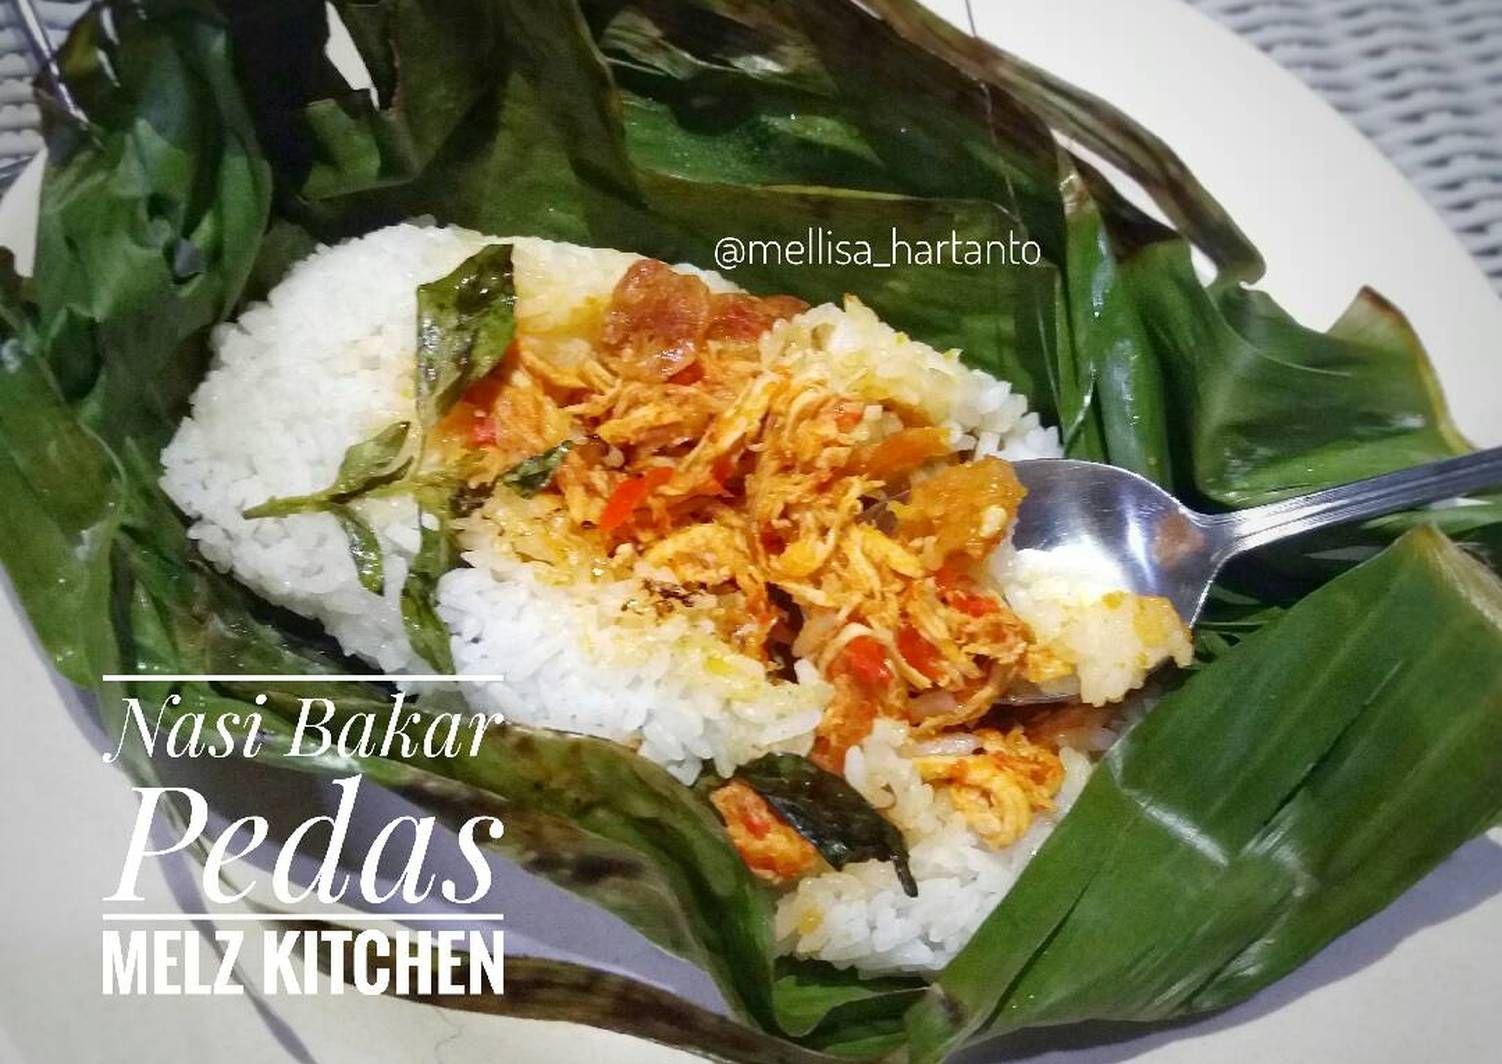 Resep Nasi Bakar Pedas Oleh Melz Kitchen Resep Masakan Resep Resep Masakan